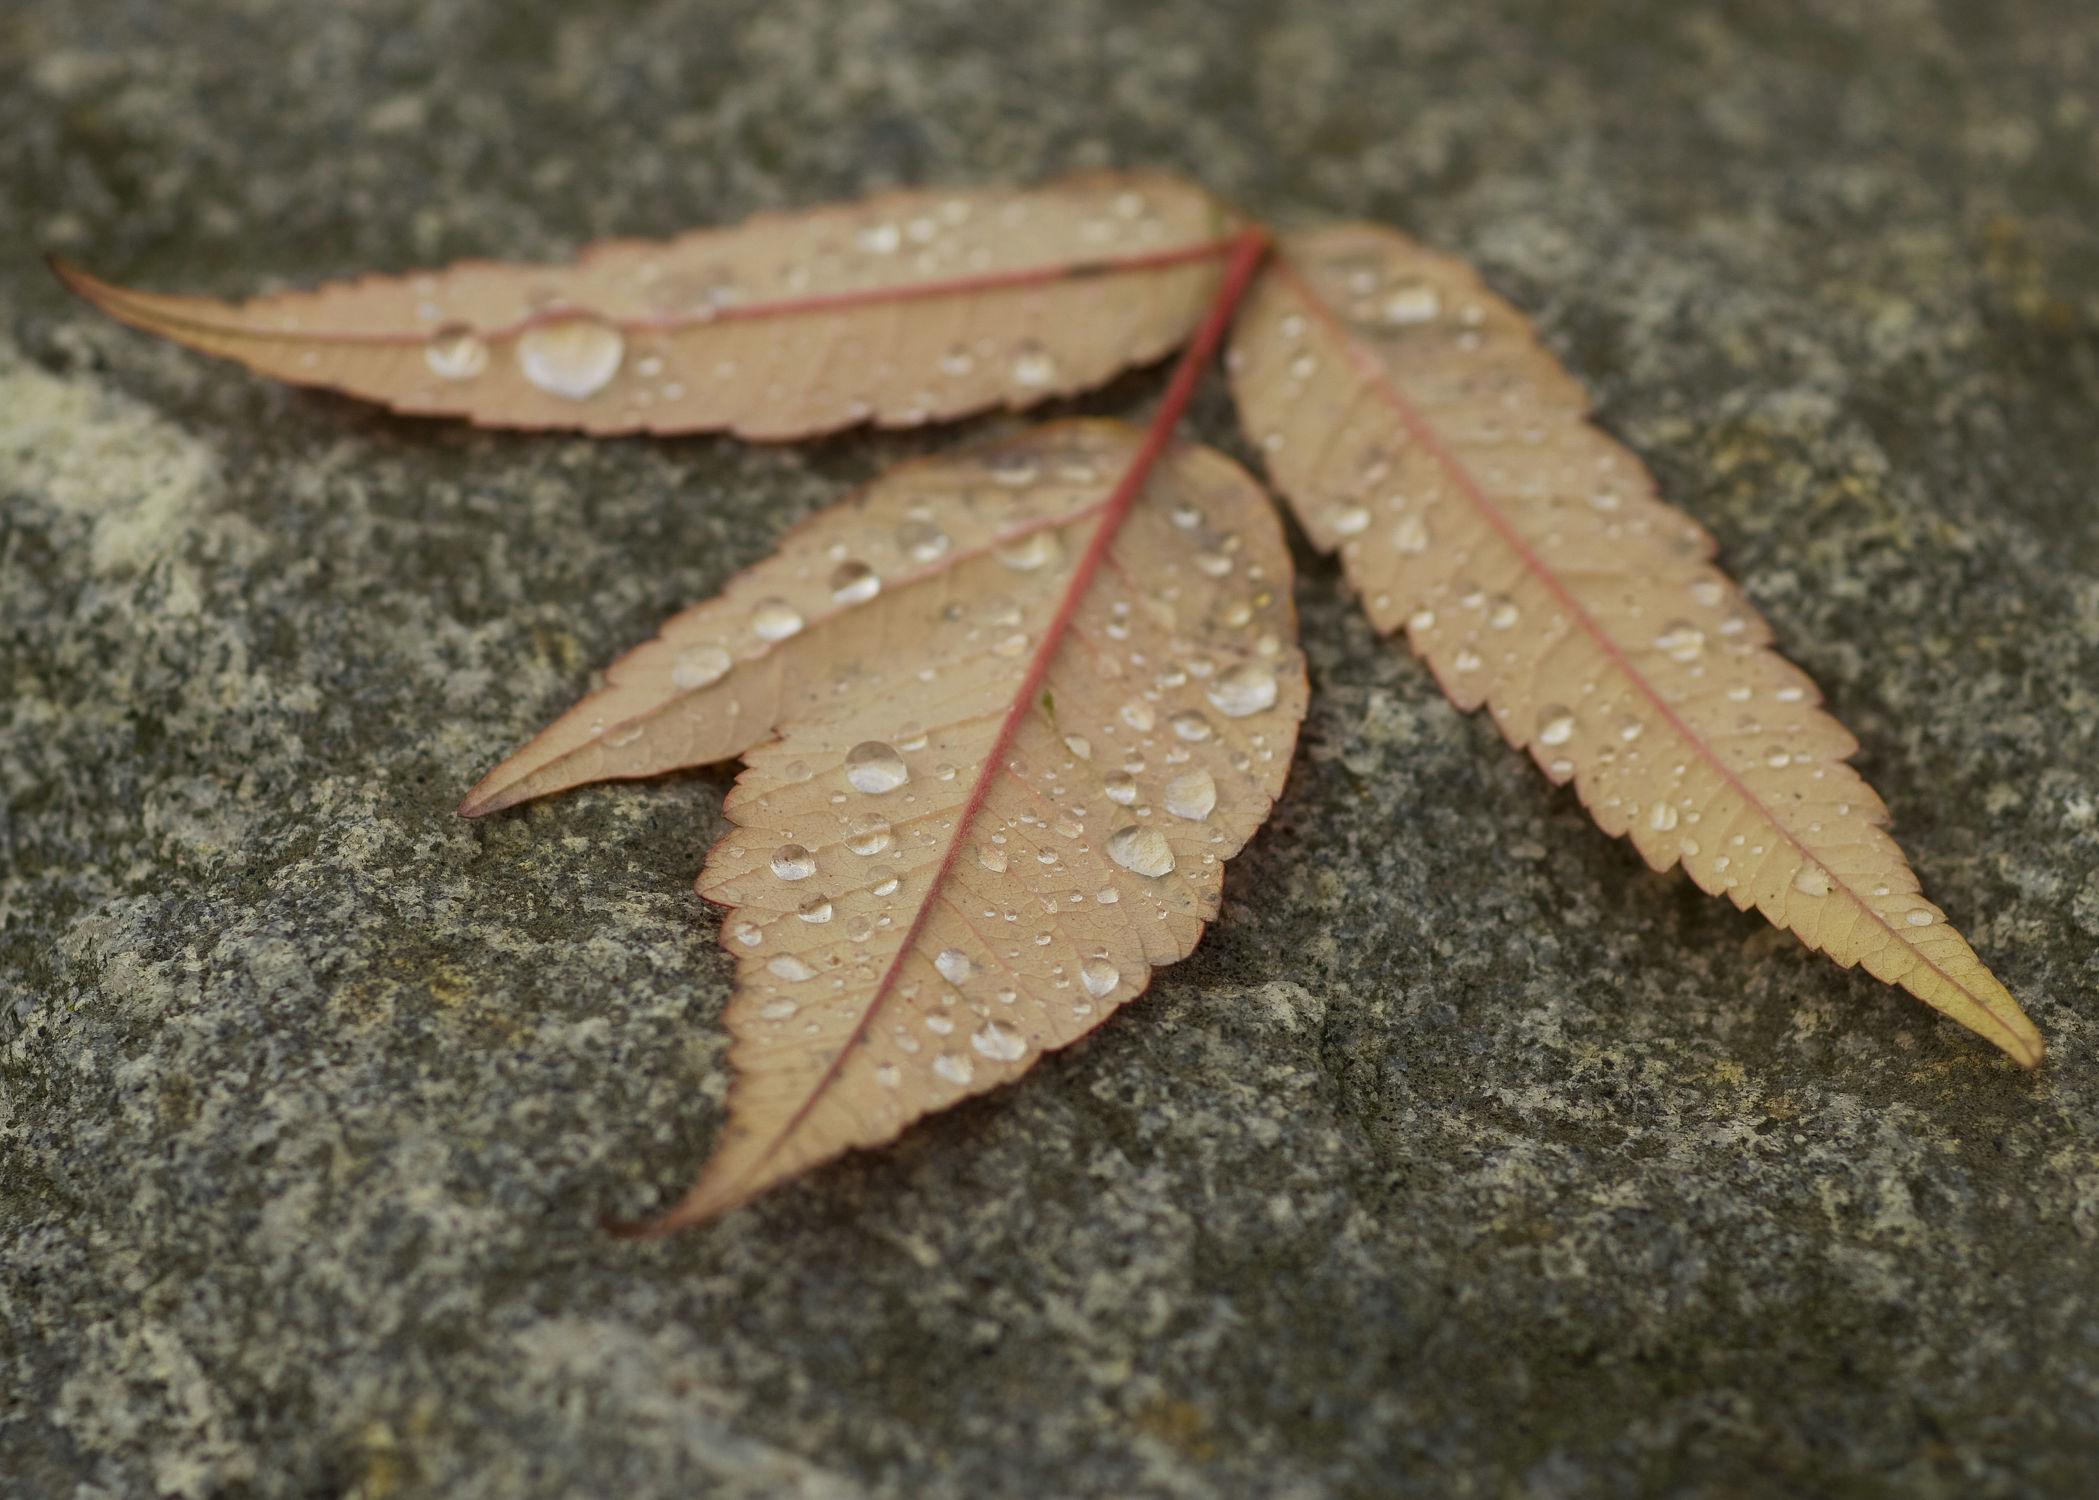 Bild mit Natur, Wasser, Blätter, Blatt, Wassertropfen, Regentropfen, Wasserperlen, Blumen und Blüten, Tropfen, Tropfenzauber, Regen